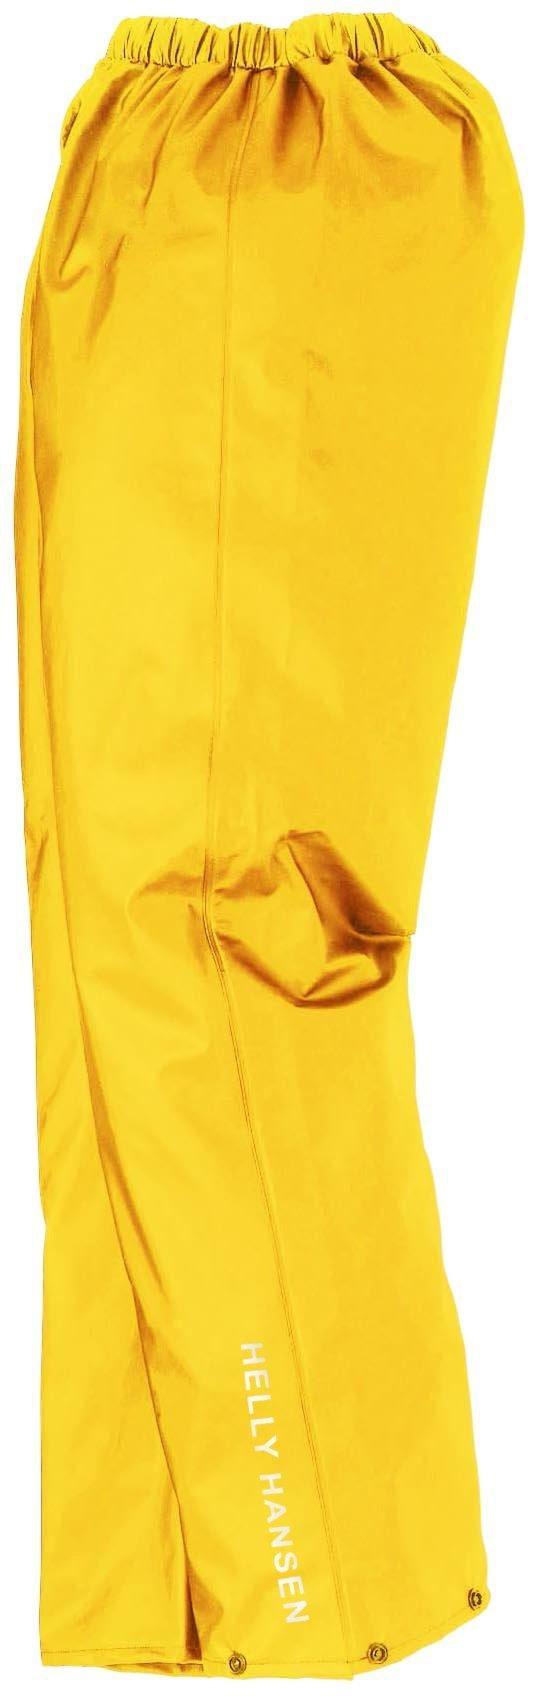 70480_310-L Rain Pants ''Voss'' Waterproof Size In L, LIGHT Yellow